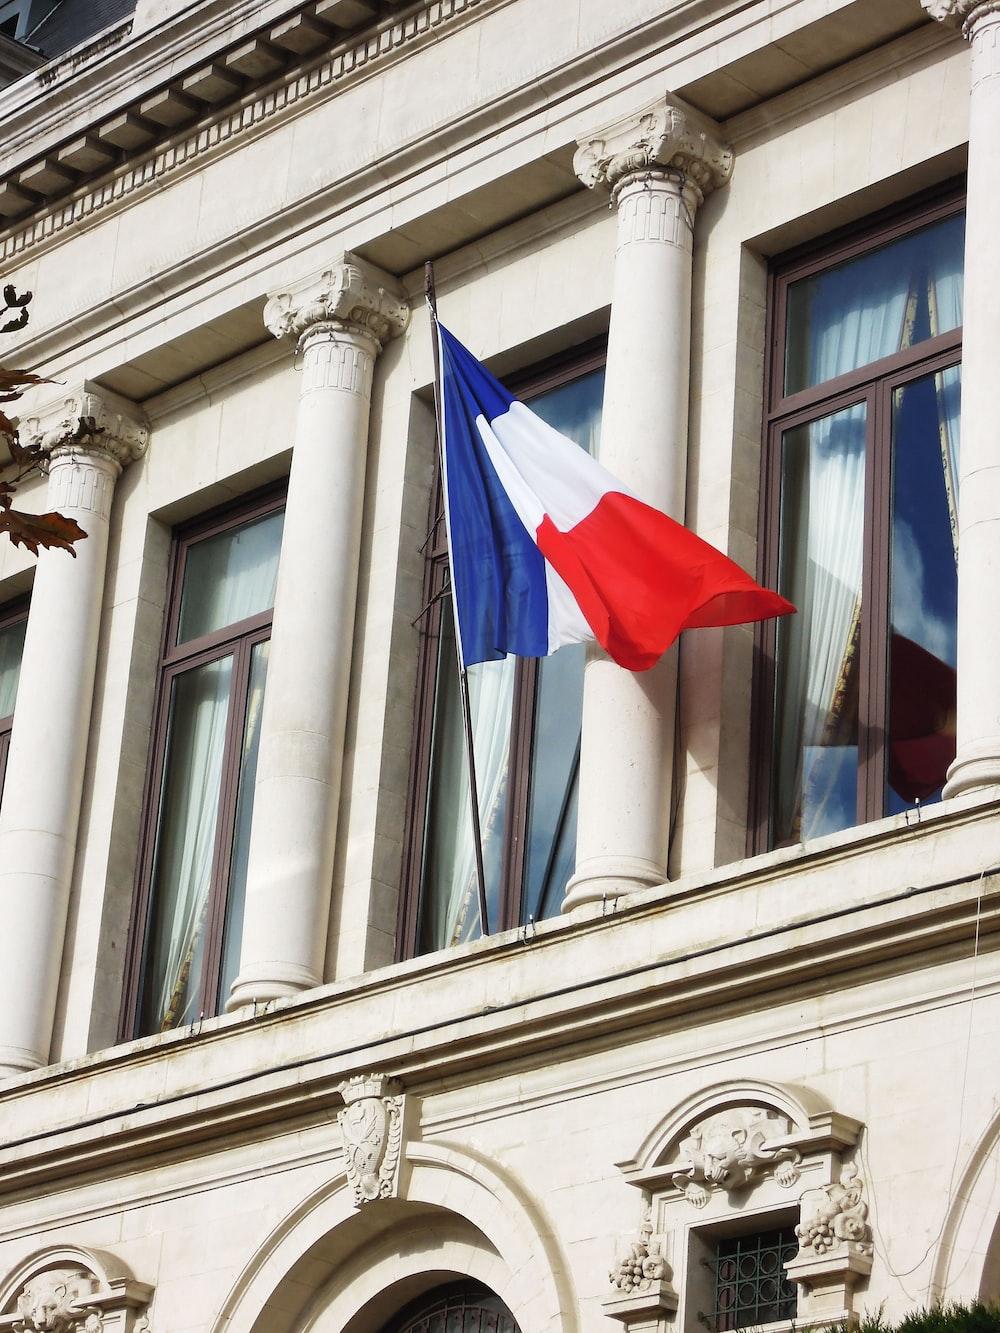 French flg